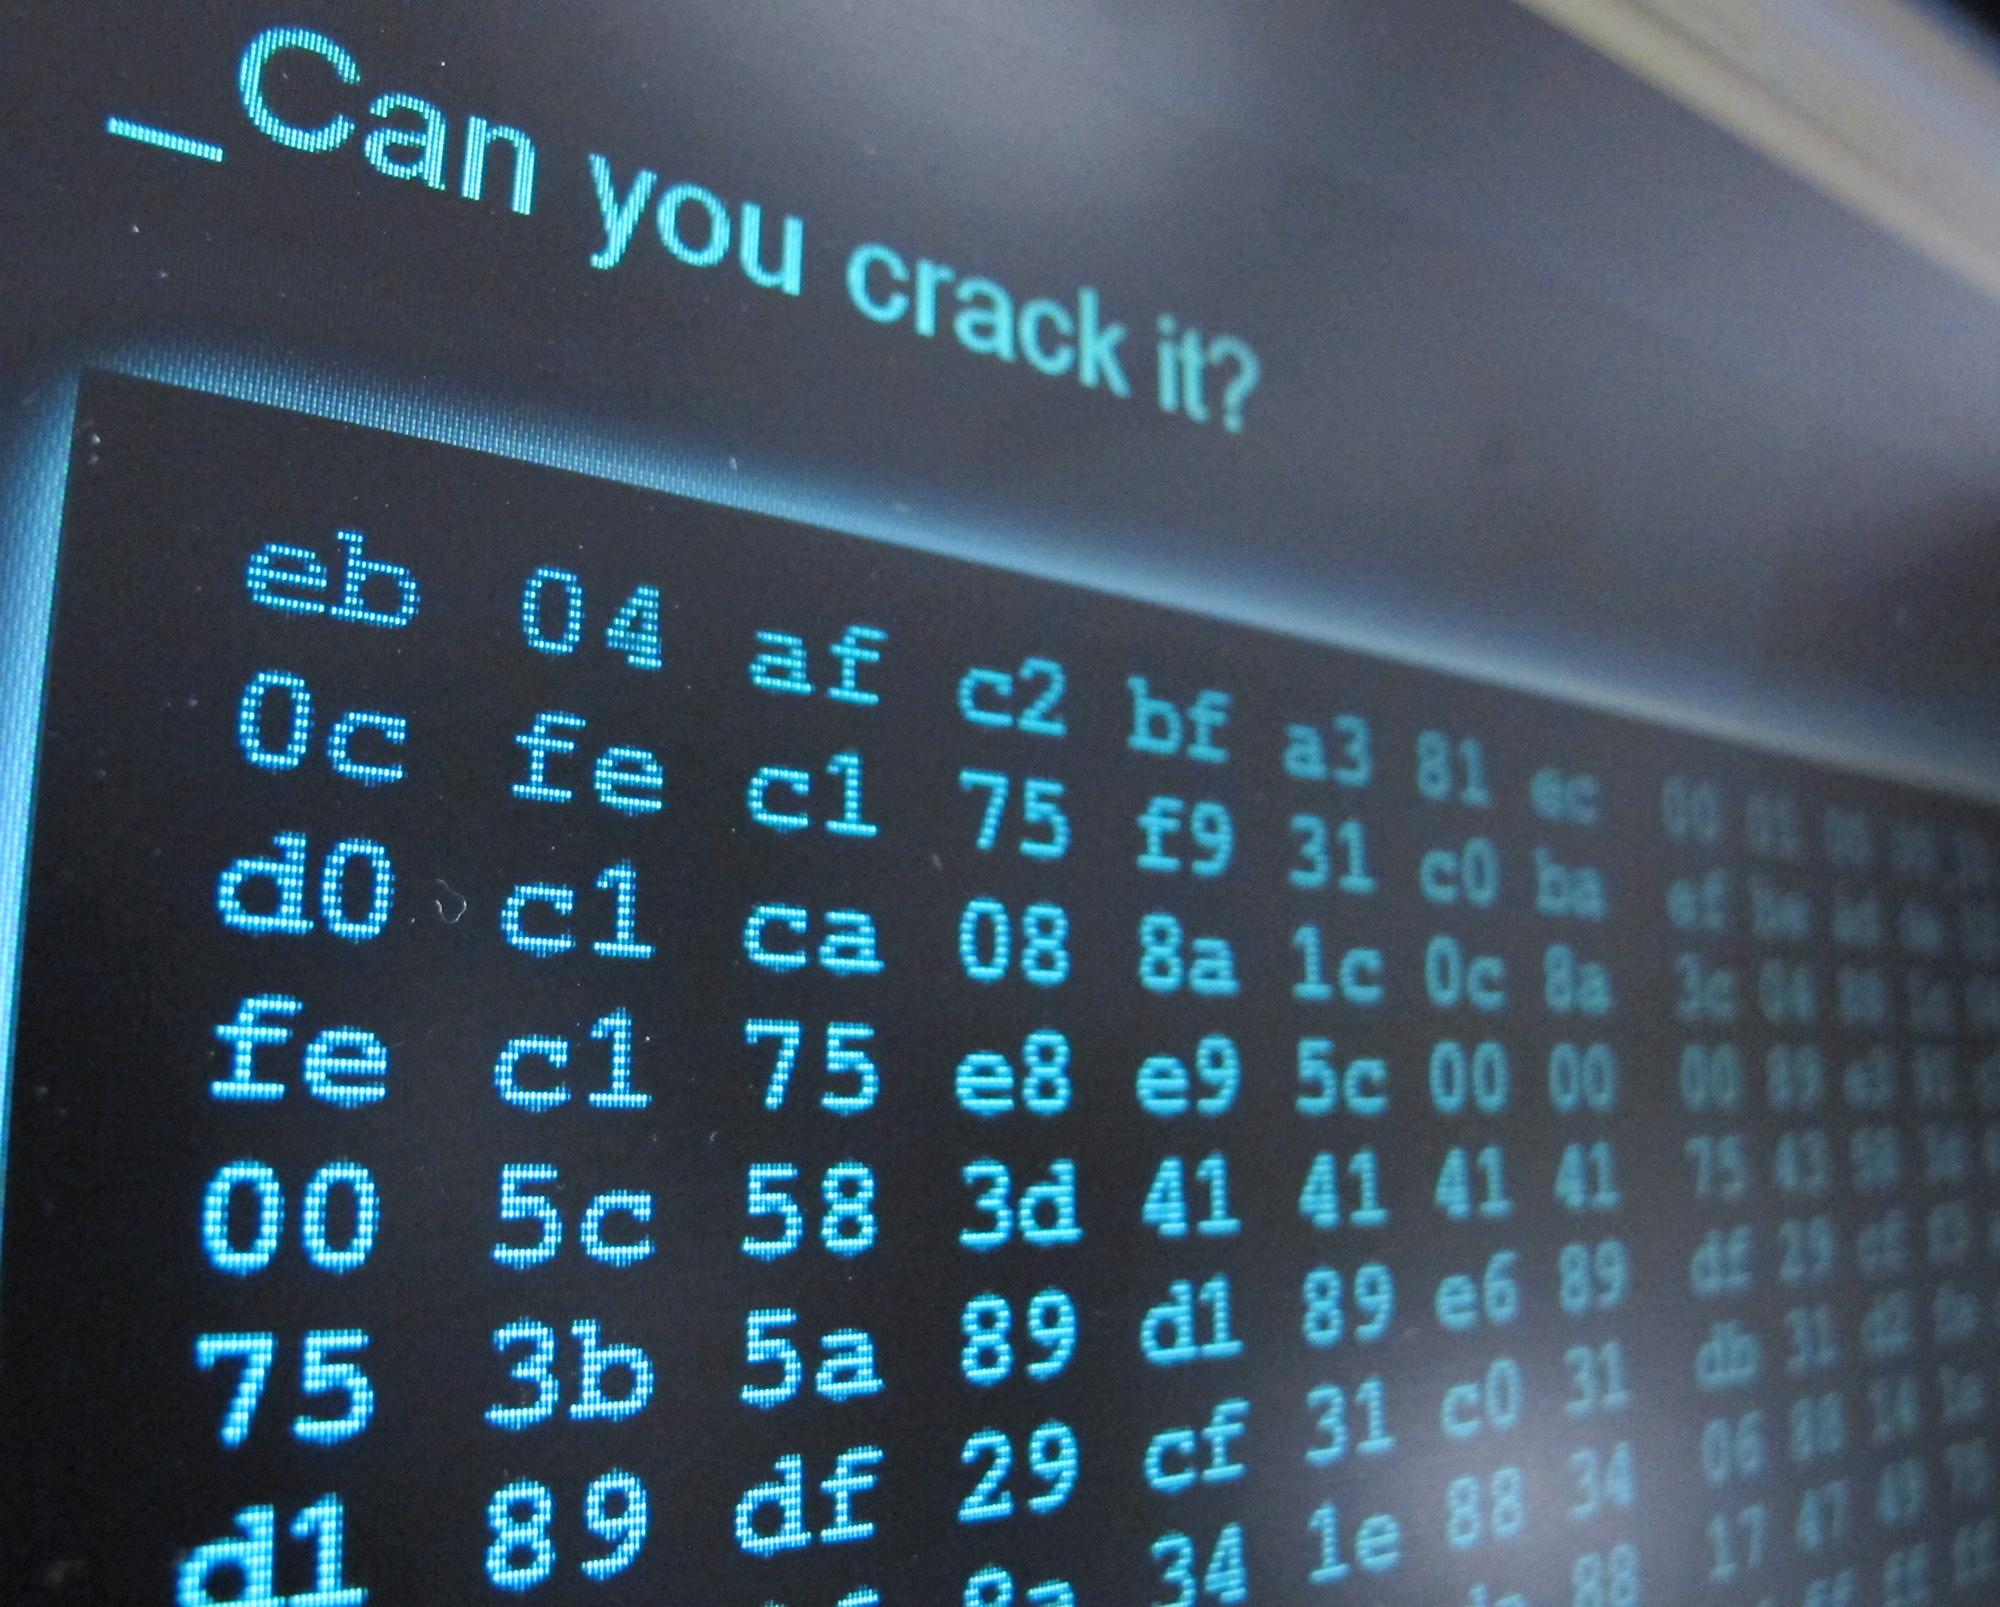 Uk Spy Agency Asks Hackers To Crack Code Gamekiller Net